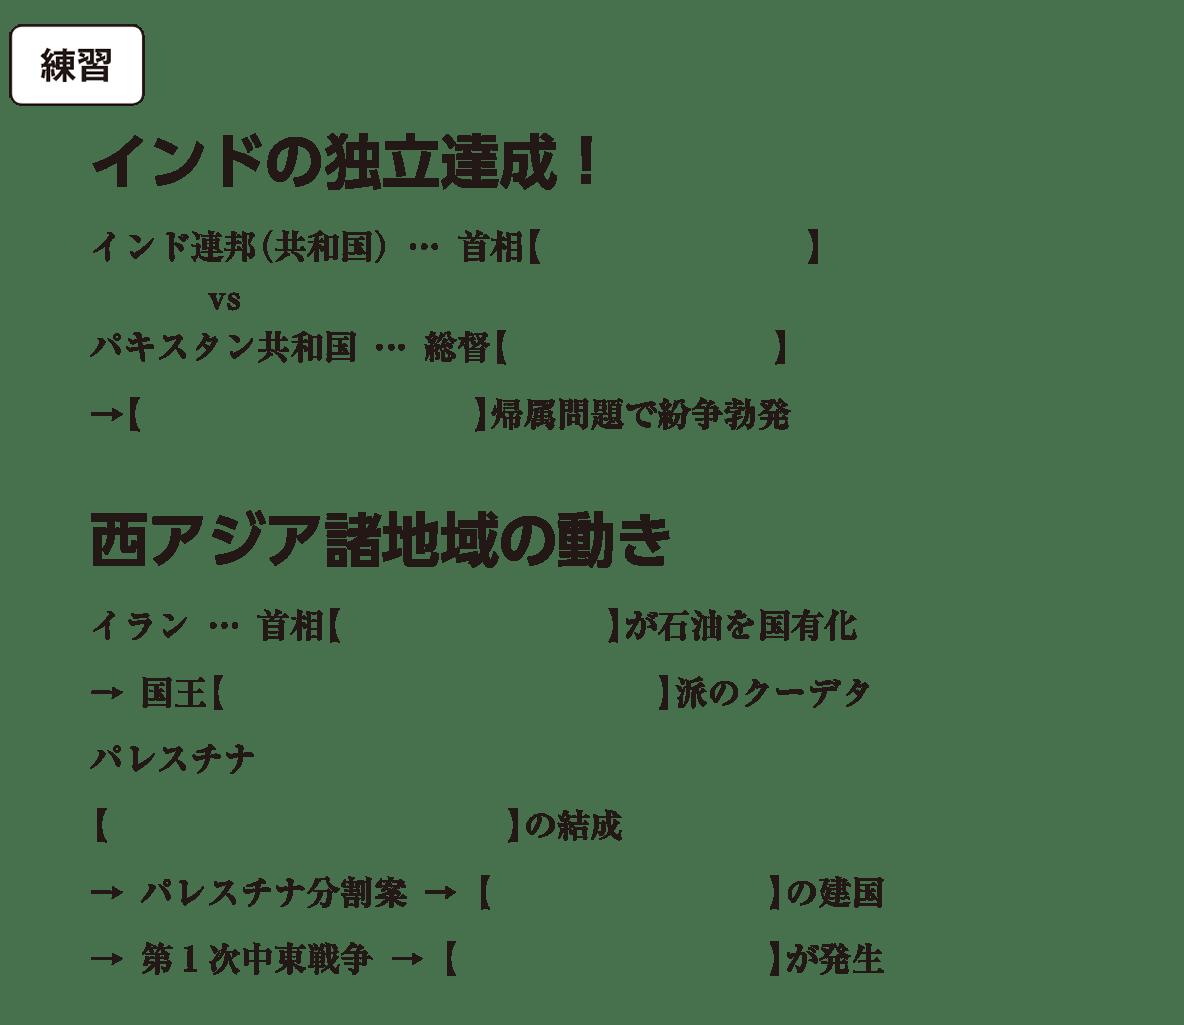 米ソ冷戦の時代6 練習 括弧空欄